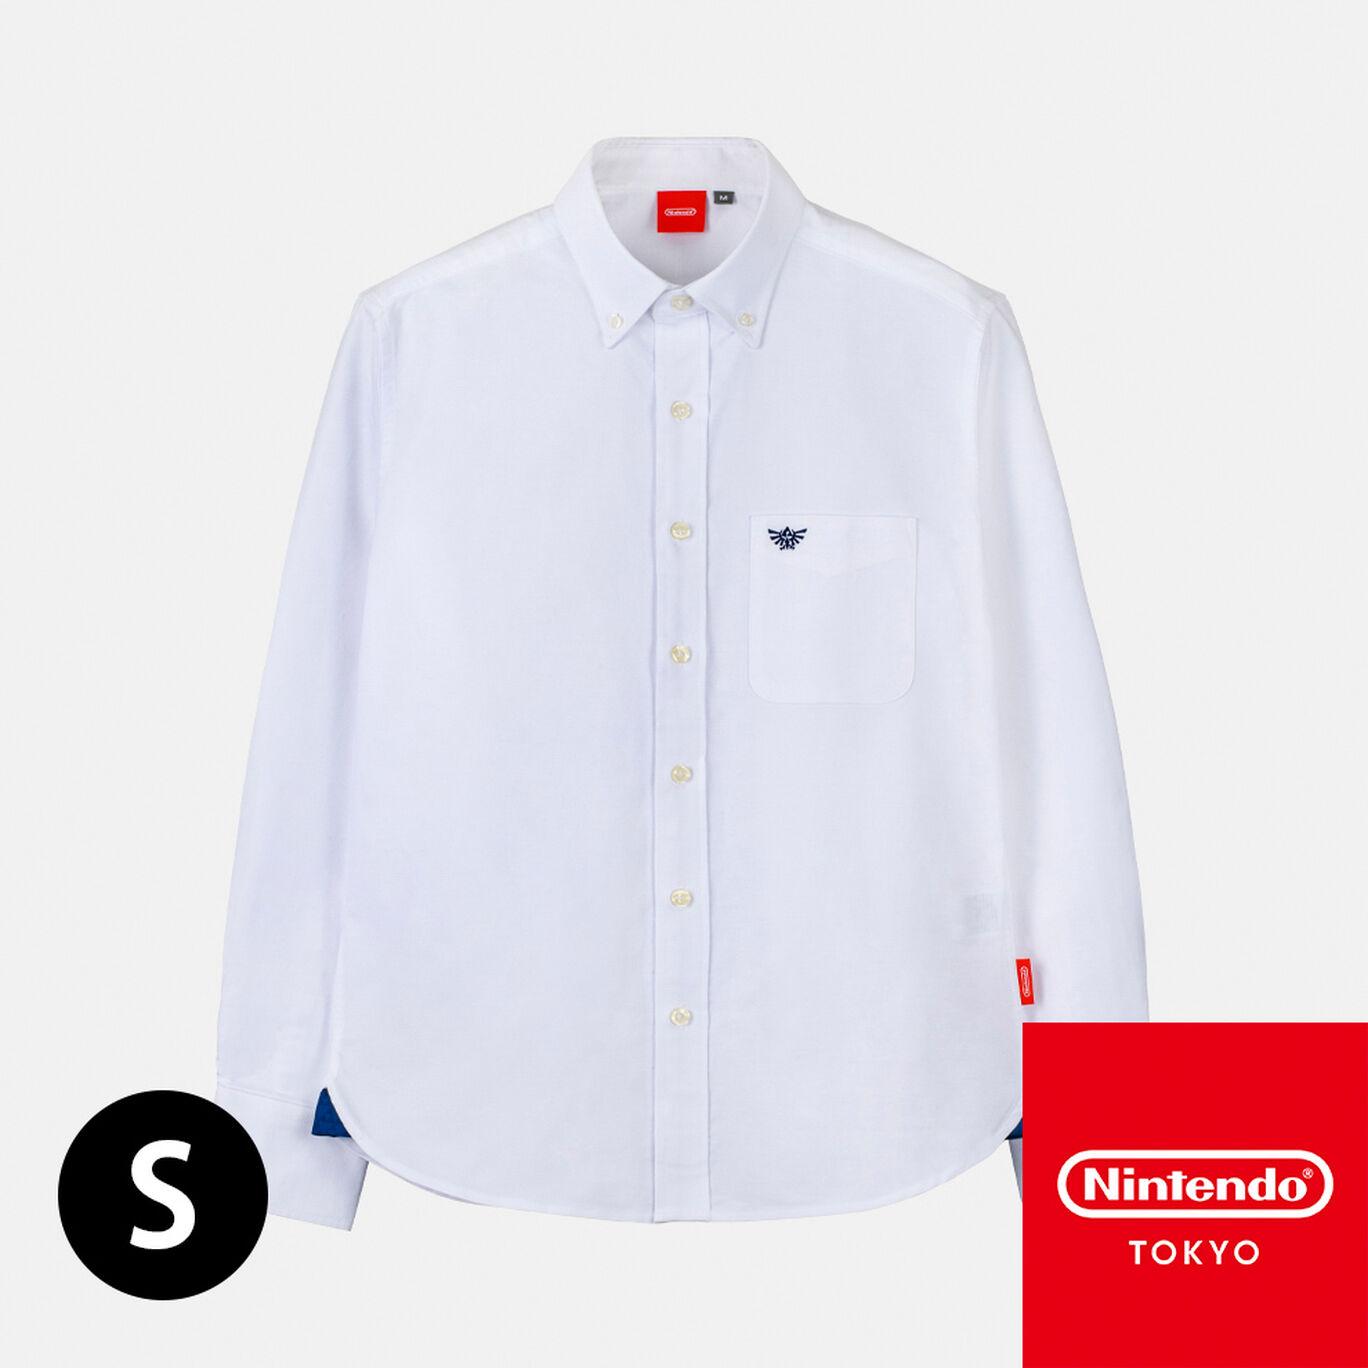 シャツ ハイラルの紋章 S ゼルダの伝説【Nintendo TOKYO取り扱い商品】